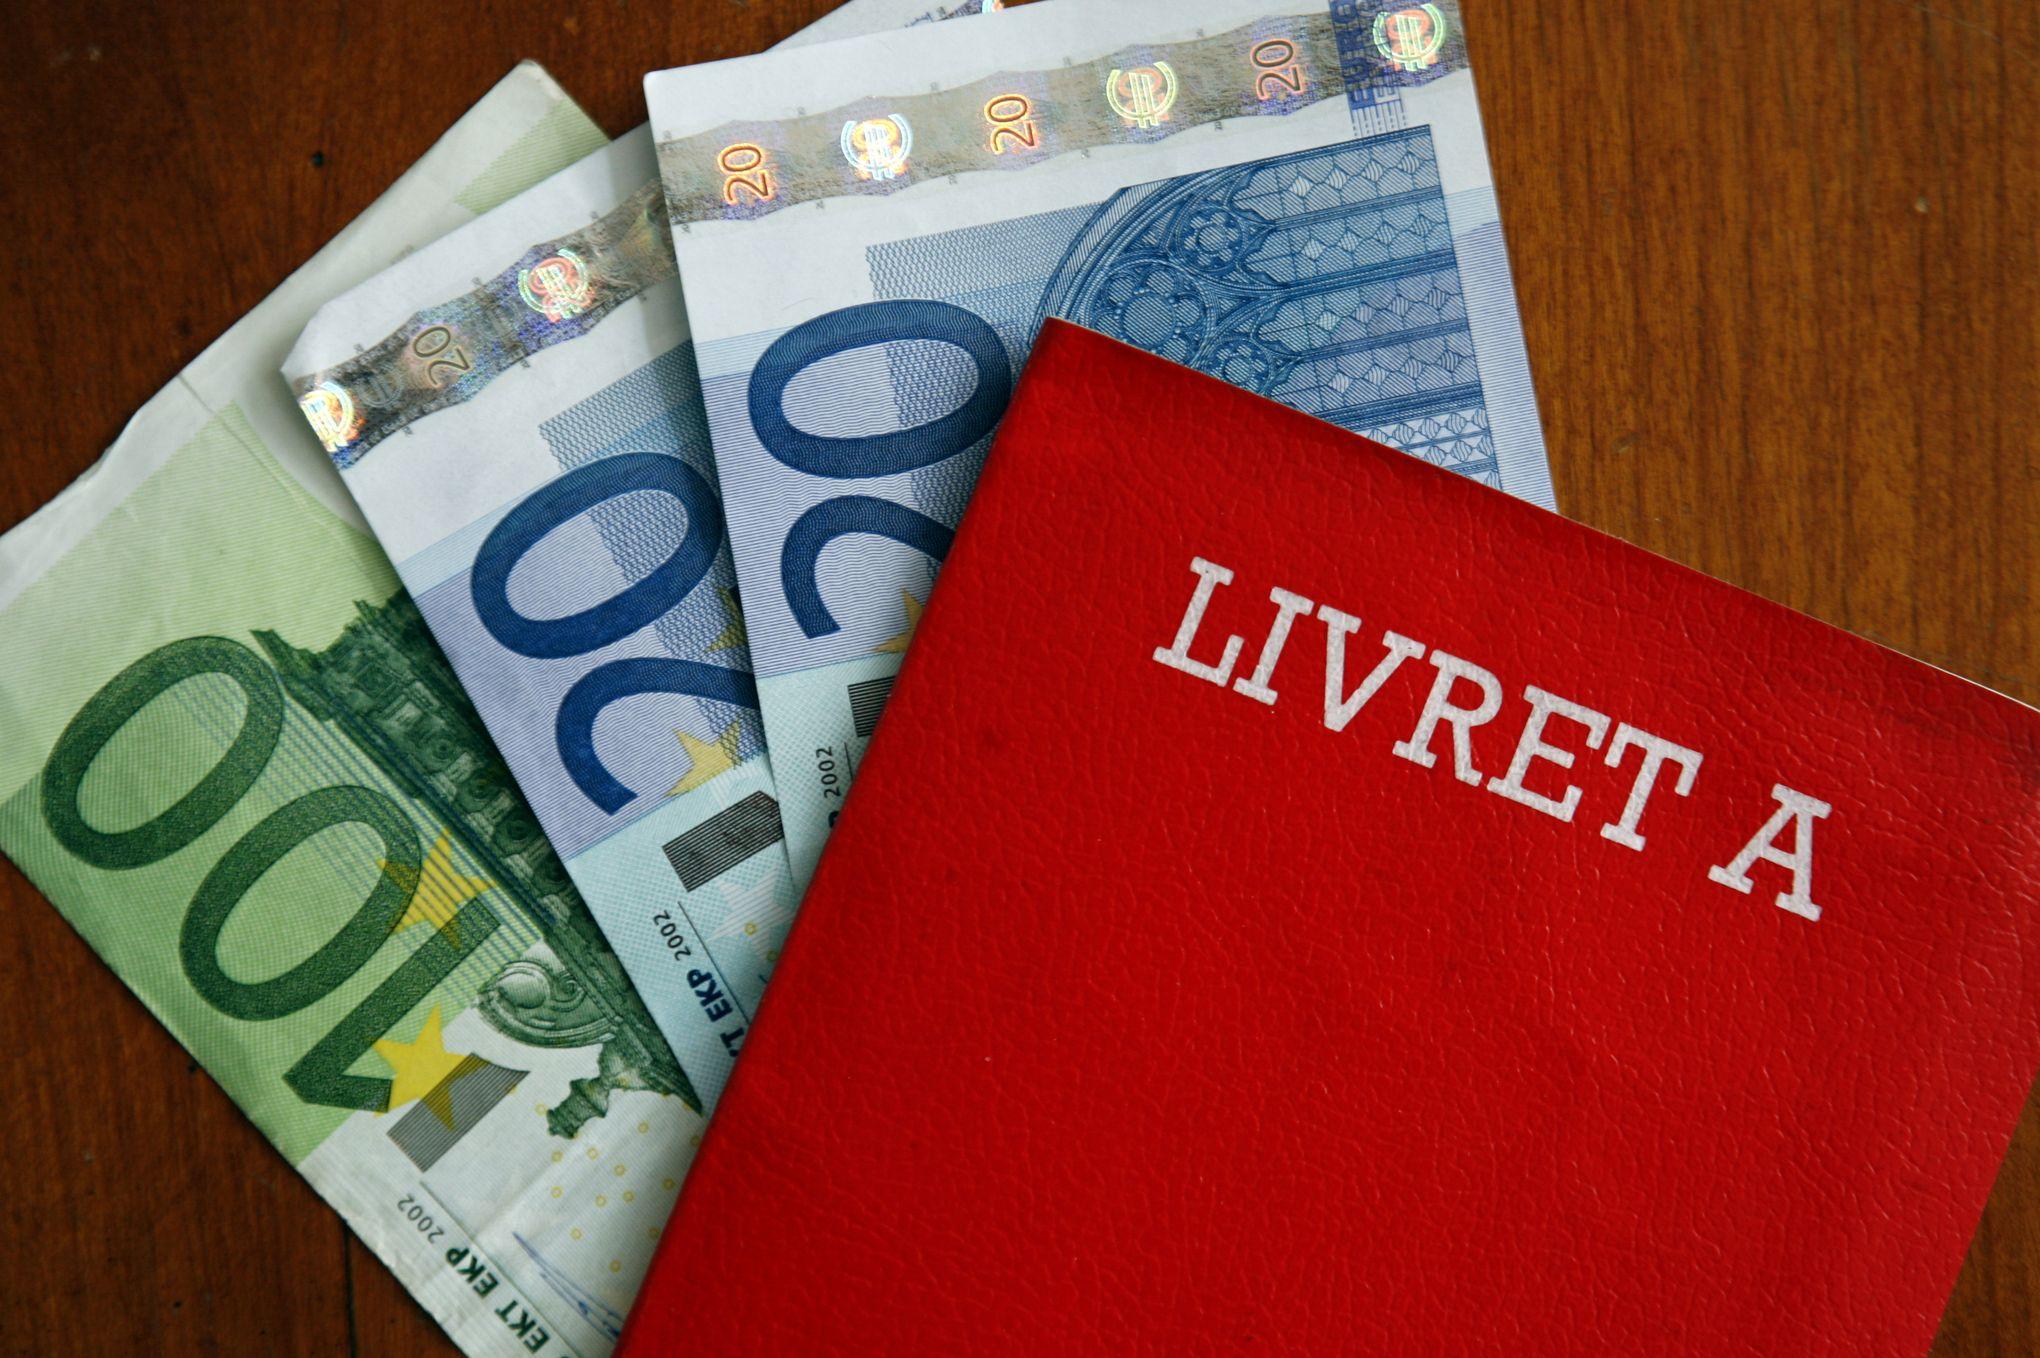 En Placant Leurs Economies Sur Le Livret A Les Francais Perdent De